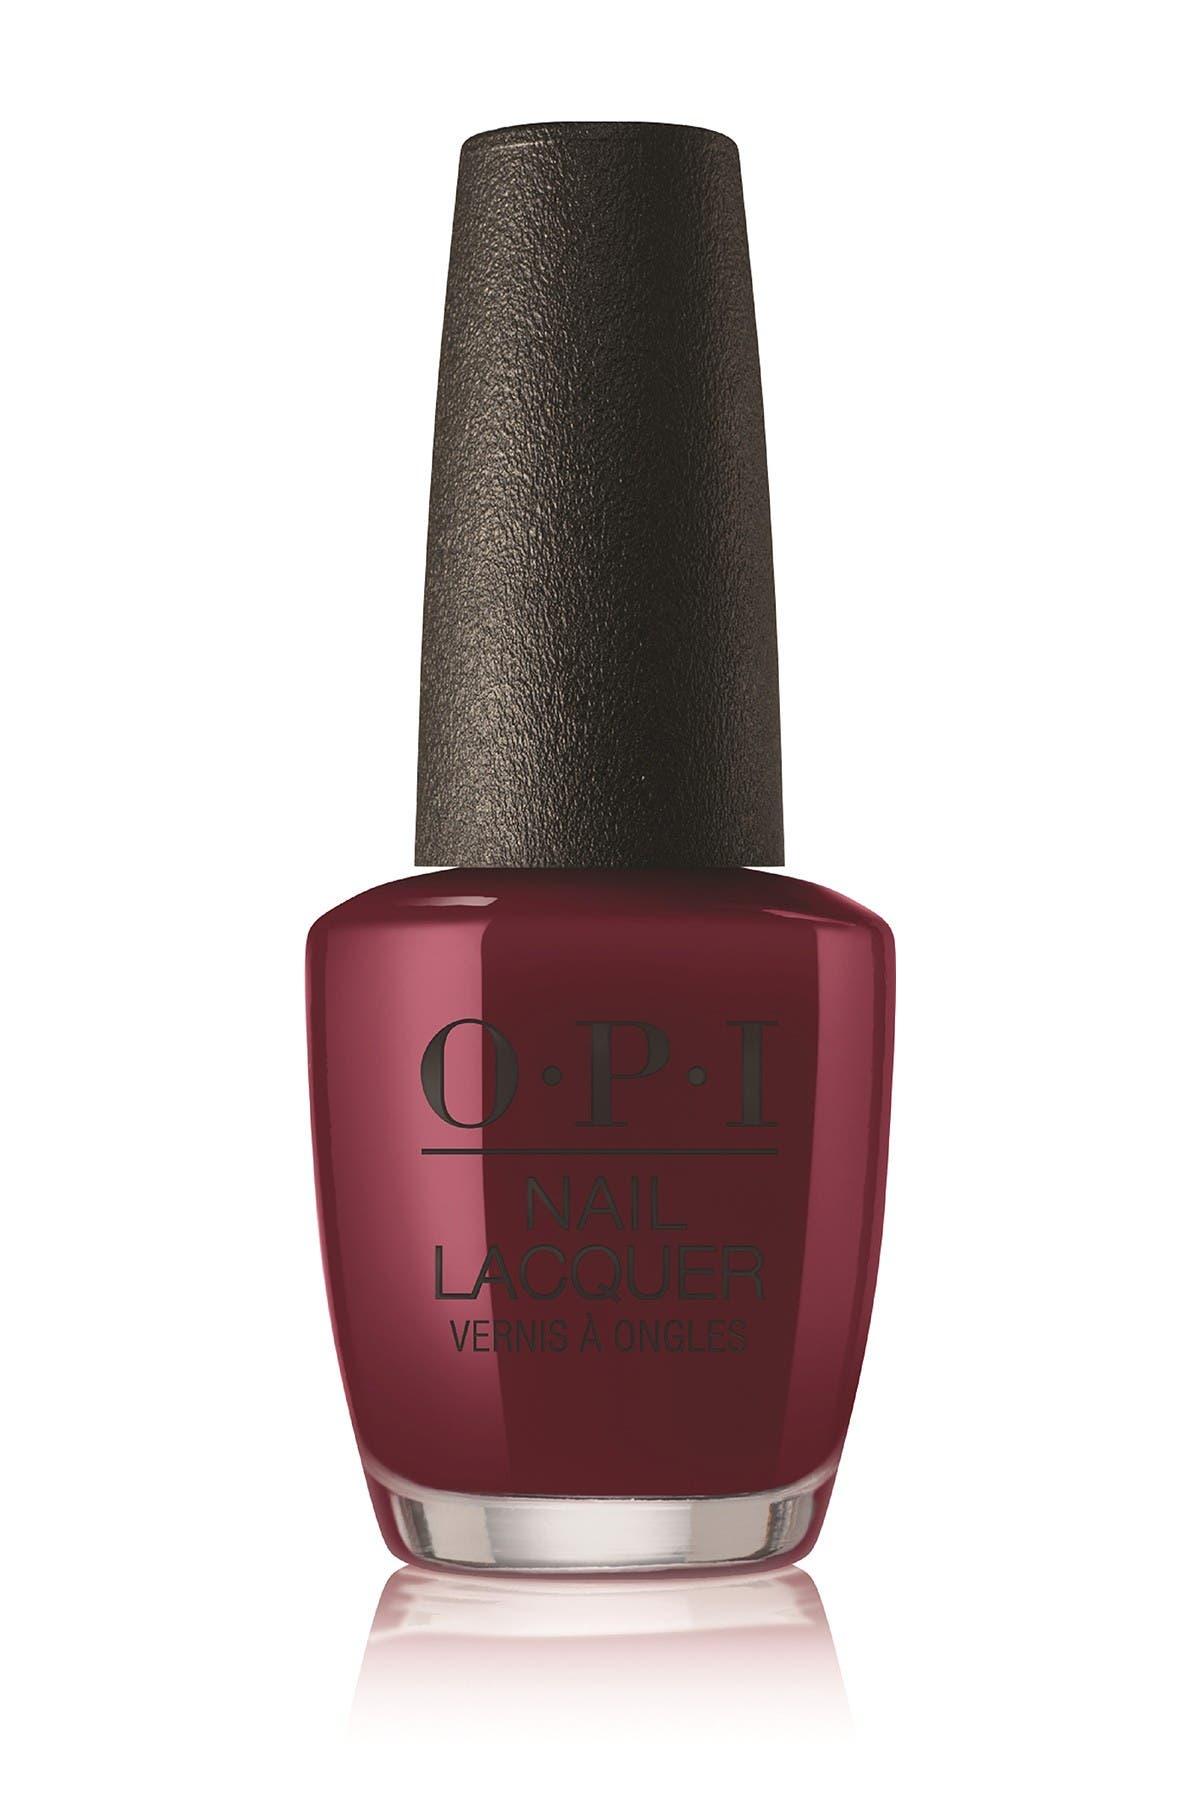 Image of OPI Nail Lacquer -  Como se Llama?